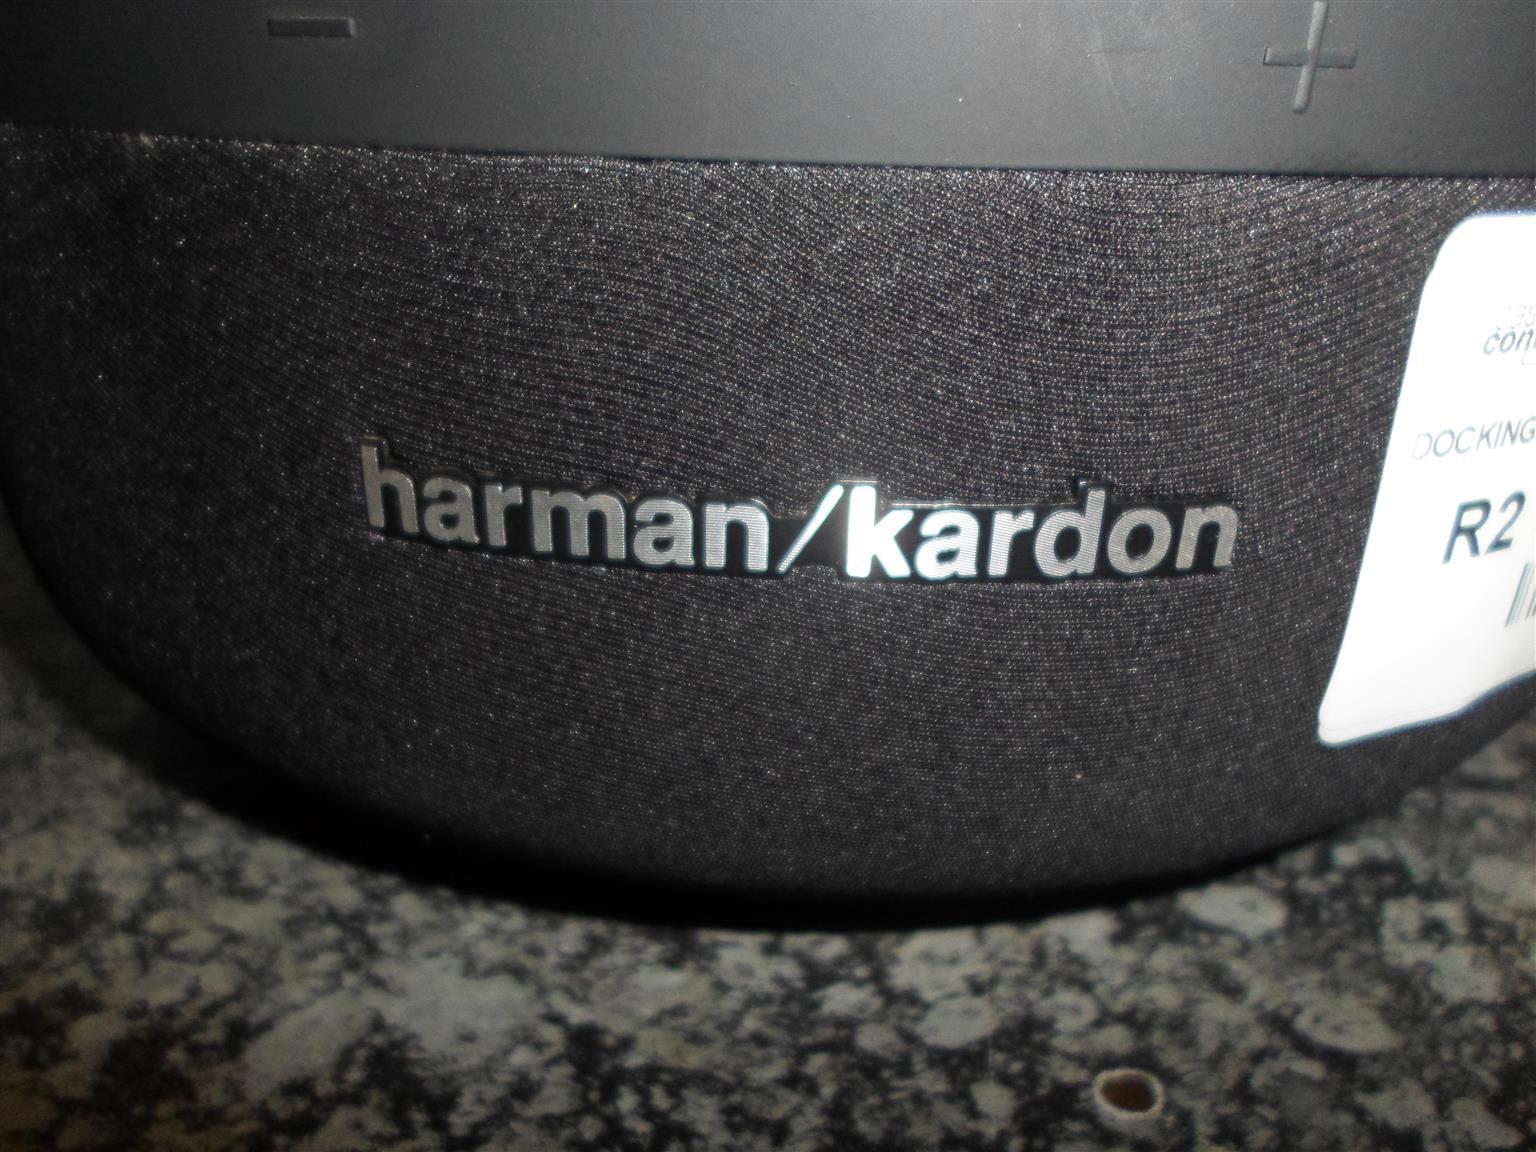 Harman Kardon Aura Speaker